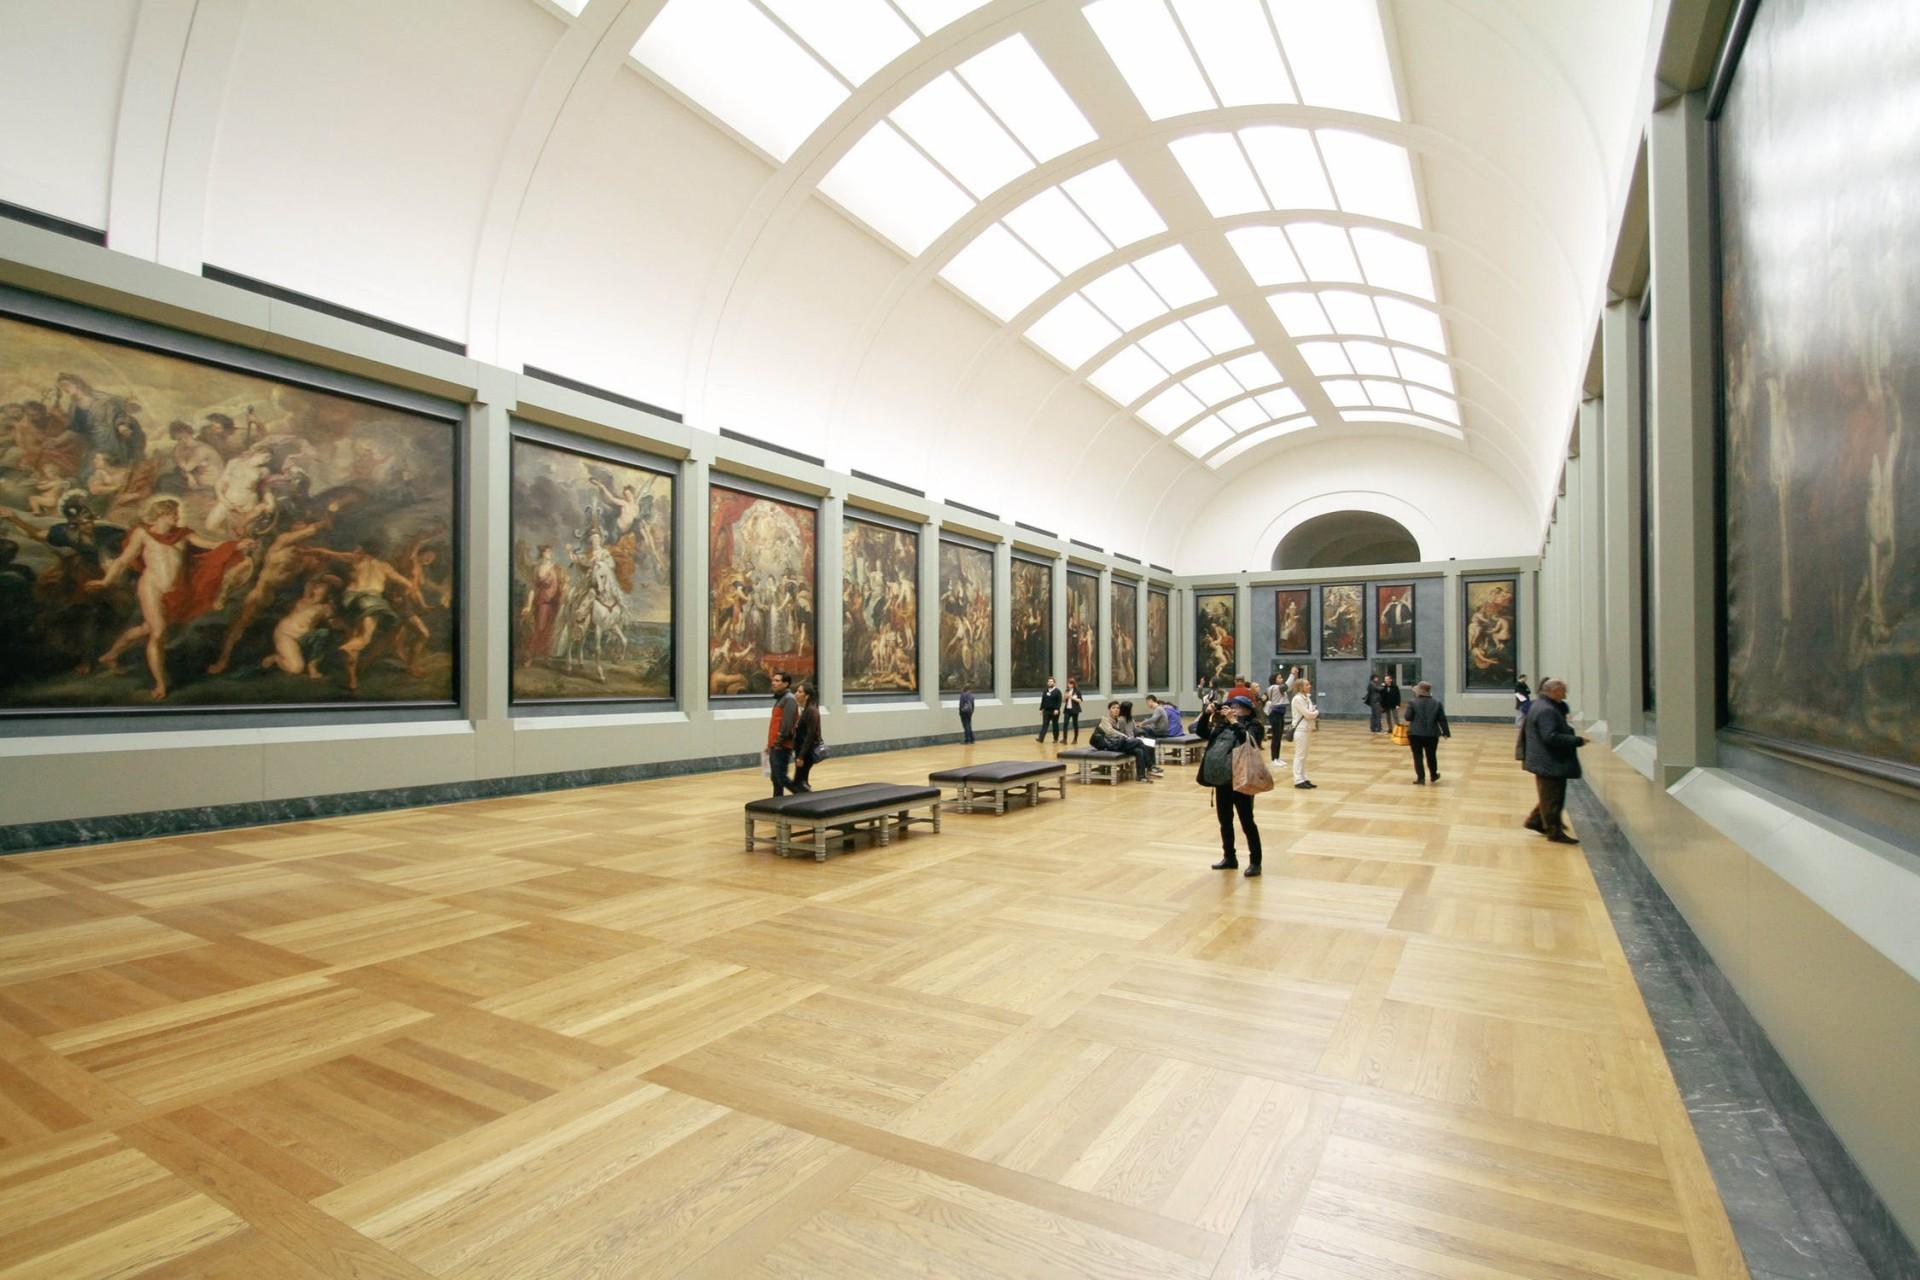 Museum, Galerie, Bilder, Ausstellung, Menschen, Kunst